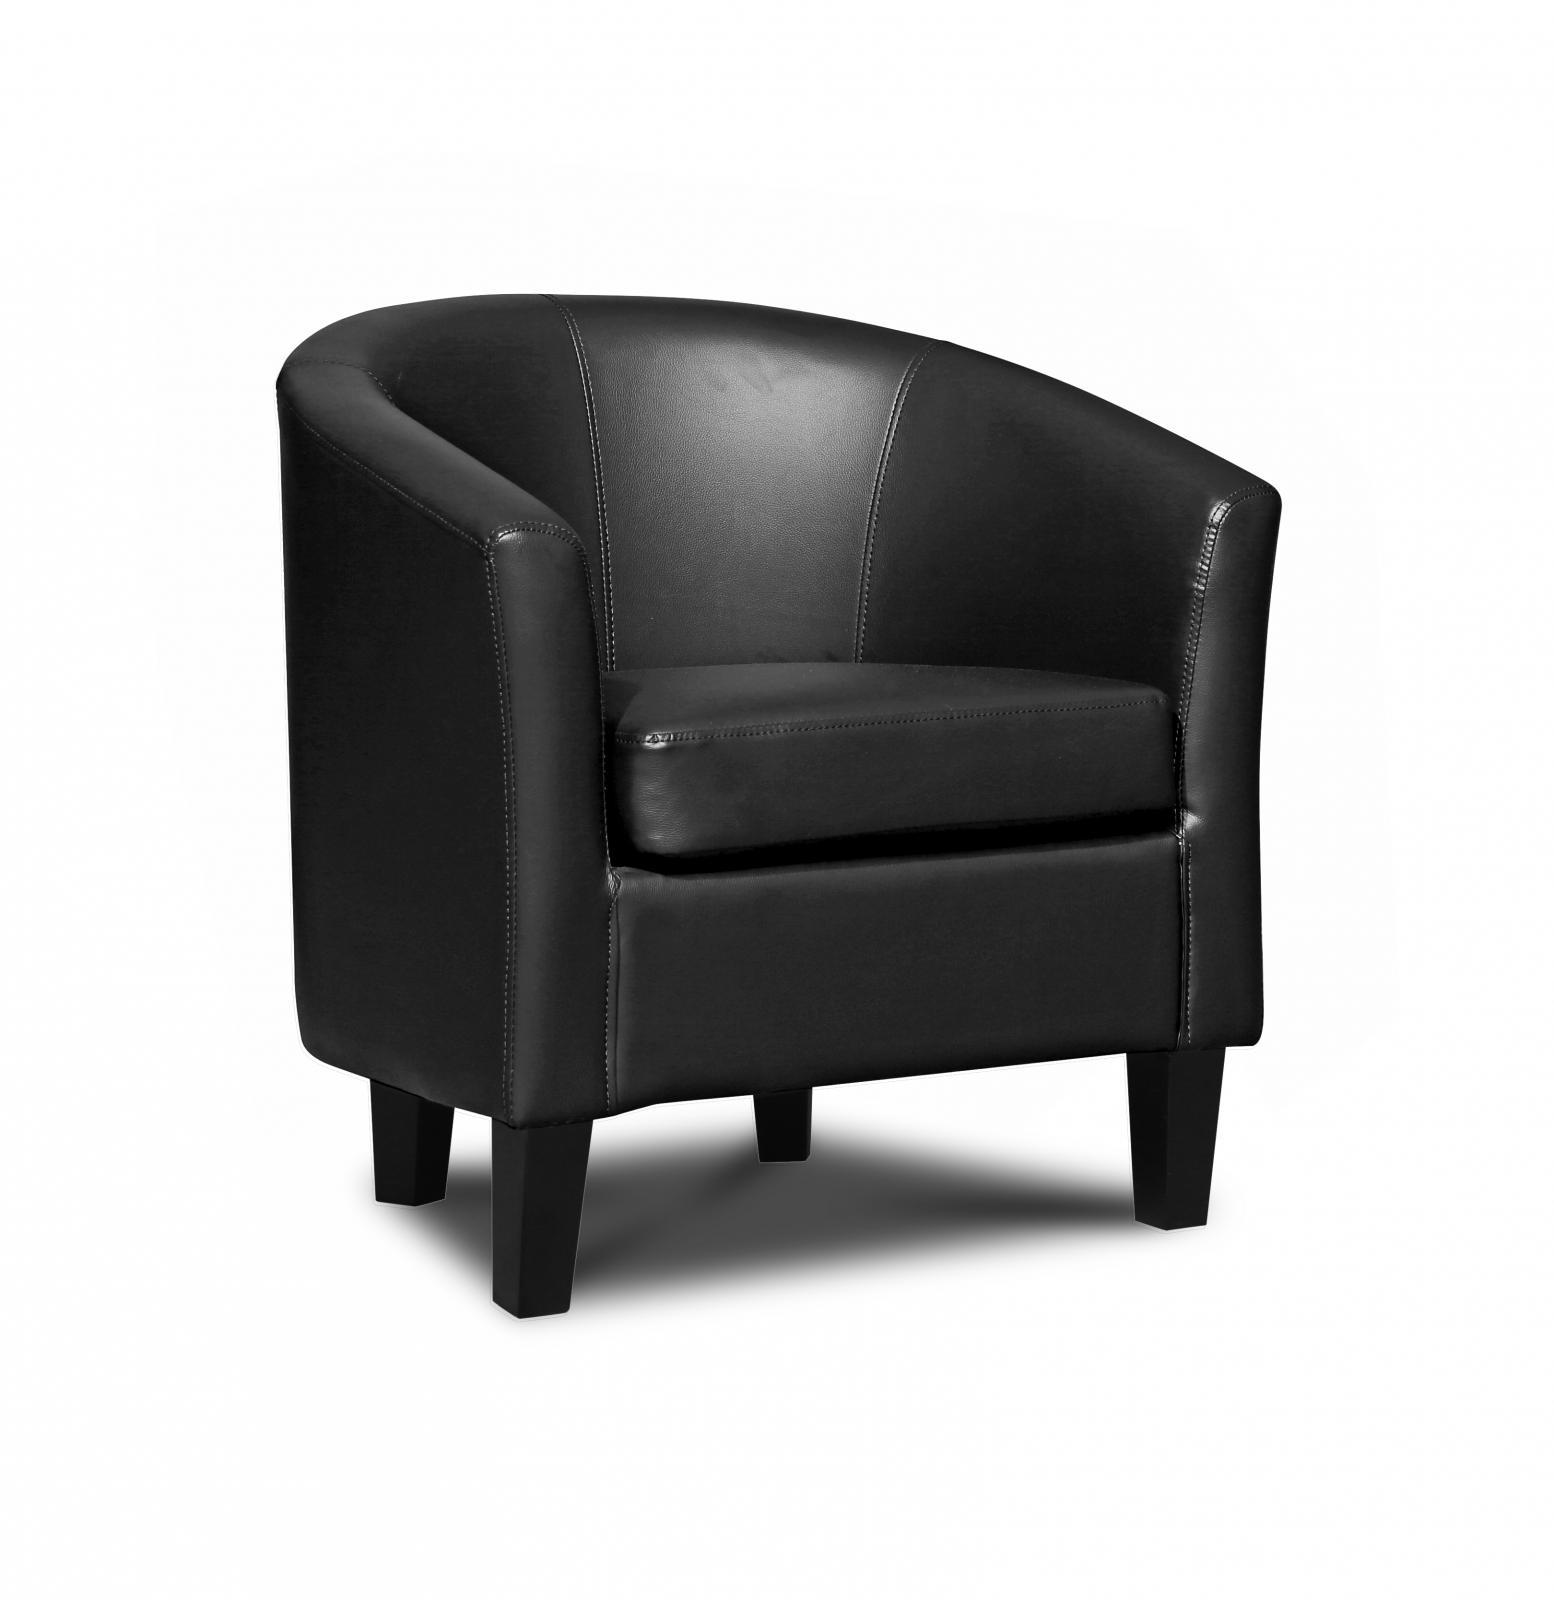 denver faux leather tub chair grey ebay. Black Bedroom Furniture Sets. Home Design Ideas